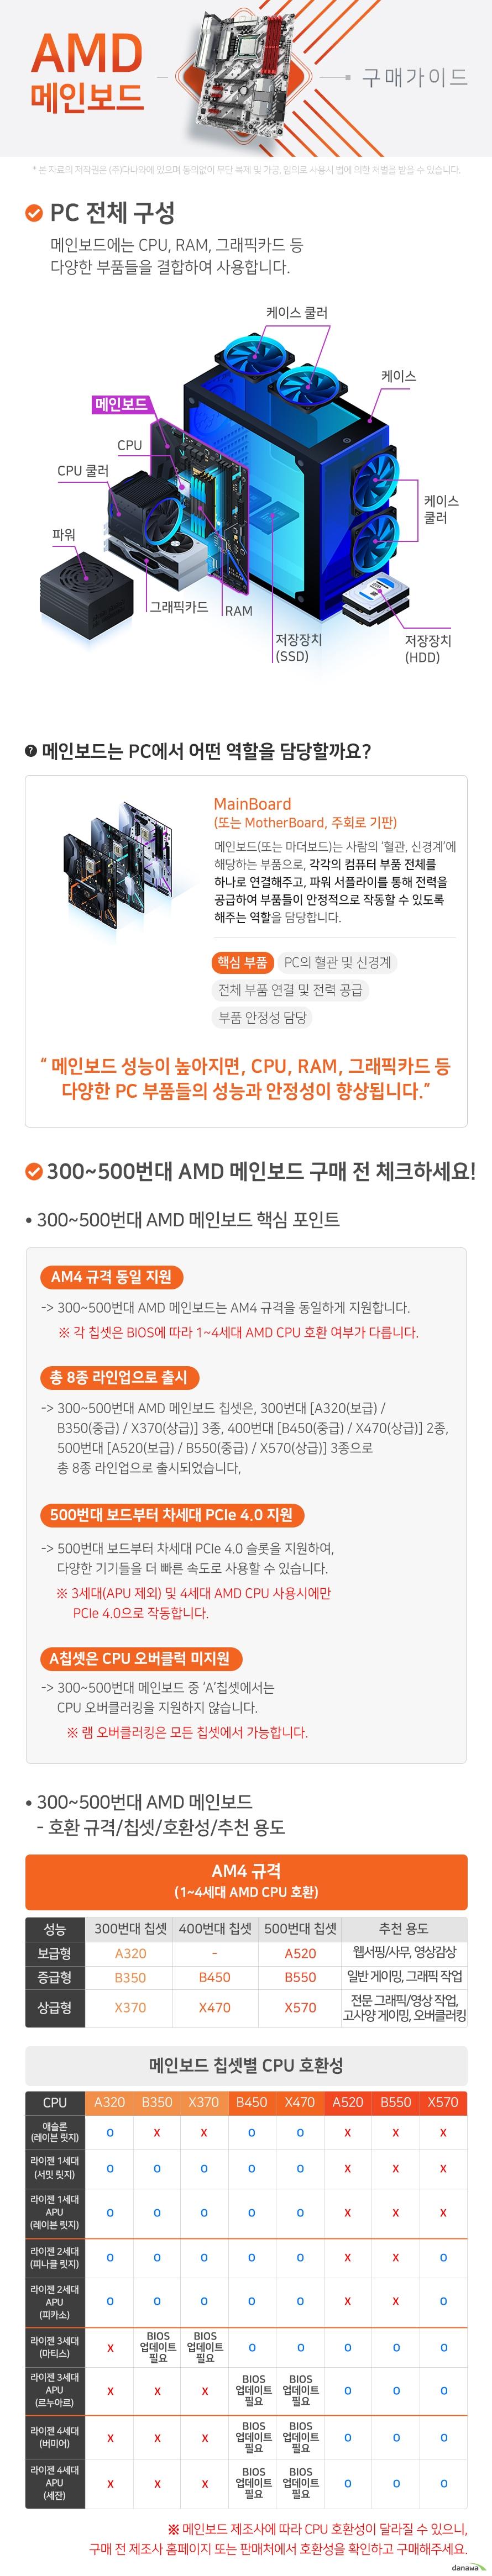 300~500번대AMD 메인보드 구매가이드 메인보드는 PC에서 혈관 및 신경계에 해당하며, 각각의 컴퓨터 부품 전체를 하나로 연결해주고 파워서플라이를 통해 전력을 공급하여 부품들이 안정적으로 작동할 수 있도록 해주는 역할을 합니다. 따라서, 메인보드 성능이 높아지면 각 부품들의 성능과 안정성이 향상됩니다 300~500번대 AMD 메인보드 구매 핵심 포인트 AM4규격 지원 300번대 A320 B350 X370 3종 400번대 B450 X470 2종 500번대 A520 B550 X570 3종 총 8종 라인업으로 출시 A 칩셋에서는 CPU 오버클럭 미지원 반드시 확인해야 하는 메인보드 스펙 네가지 첫째 CPU 호환성 둘째 메인보드 규격 셋째 램 호환성 넷째 저장장치 지원